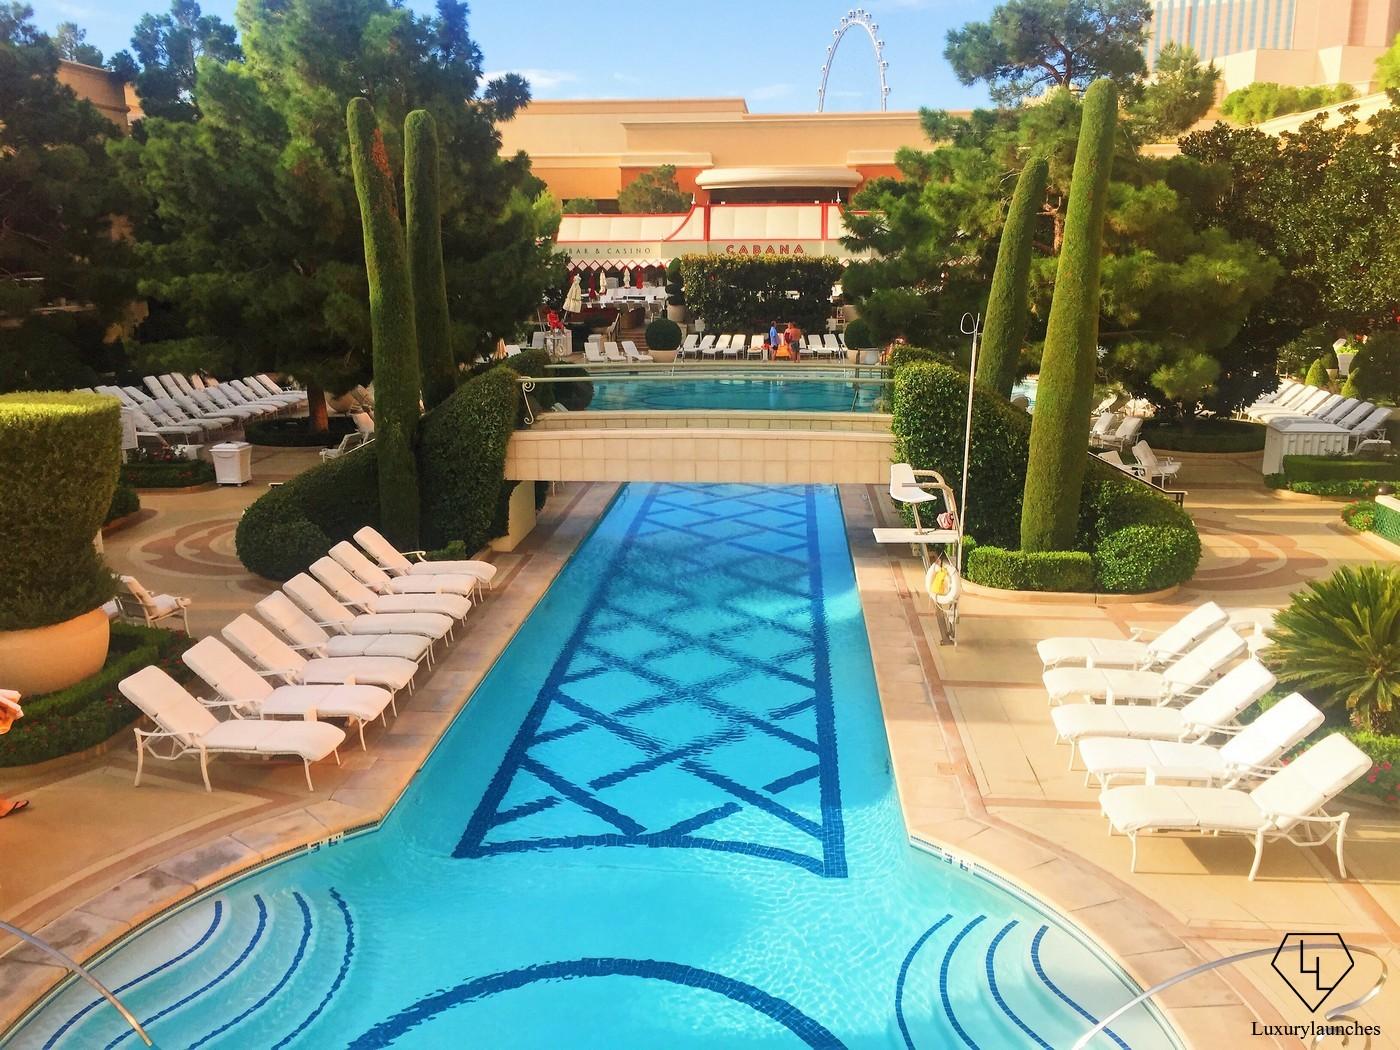 The Wynn Las Vegas Pool